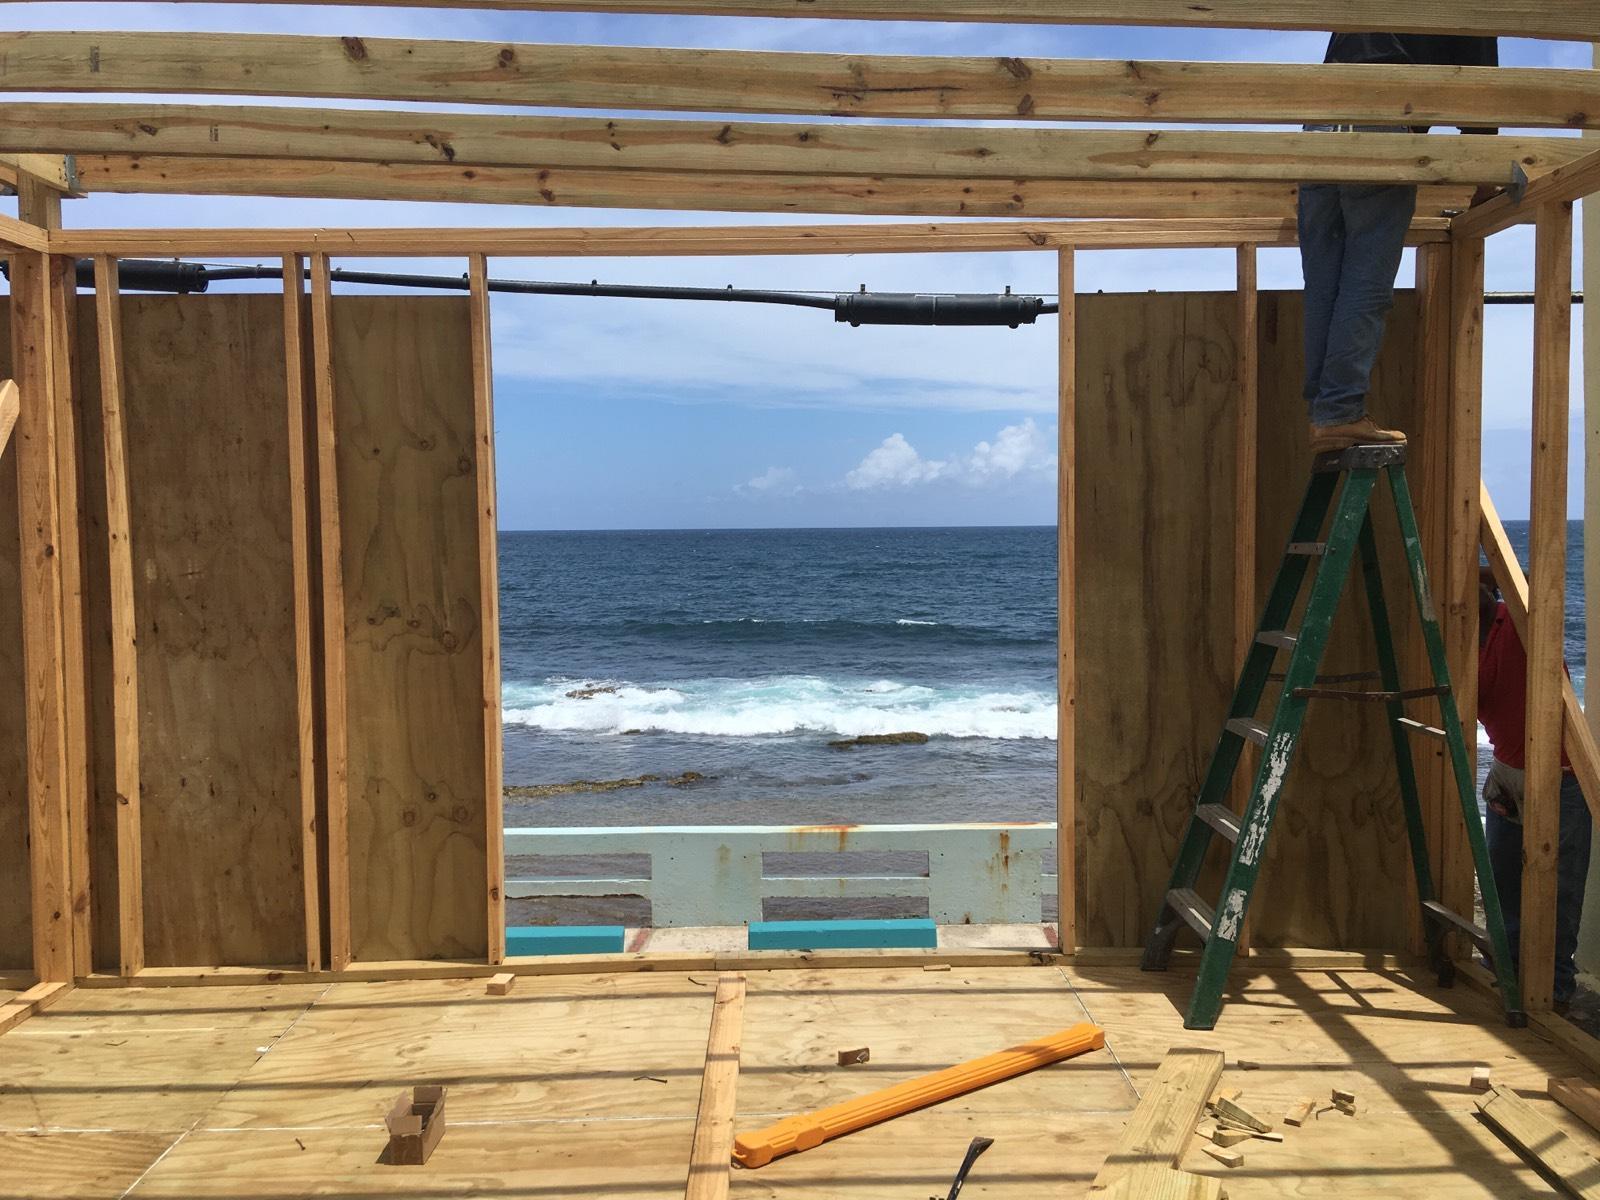 la perla seashore progress II